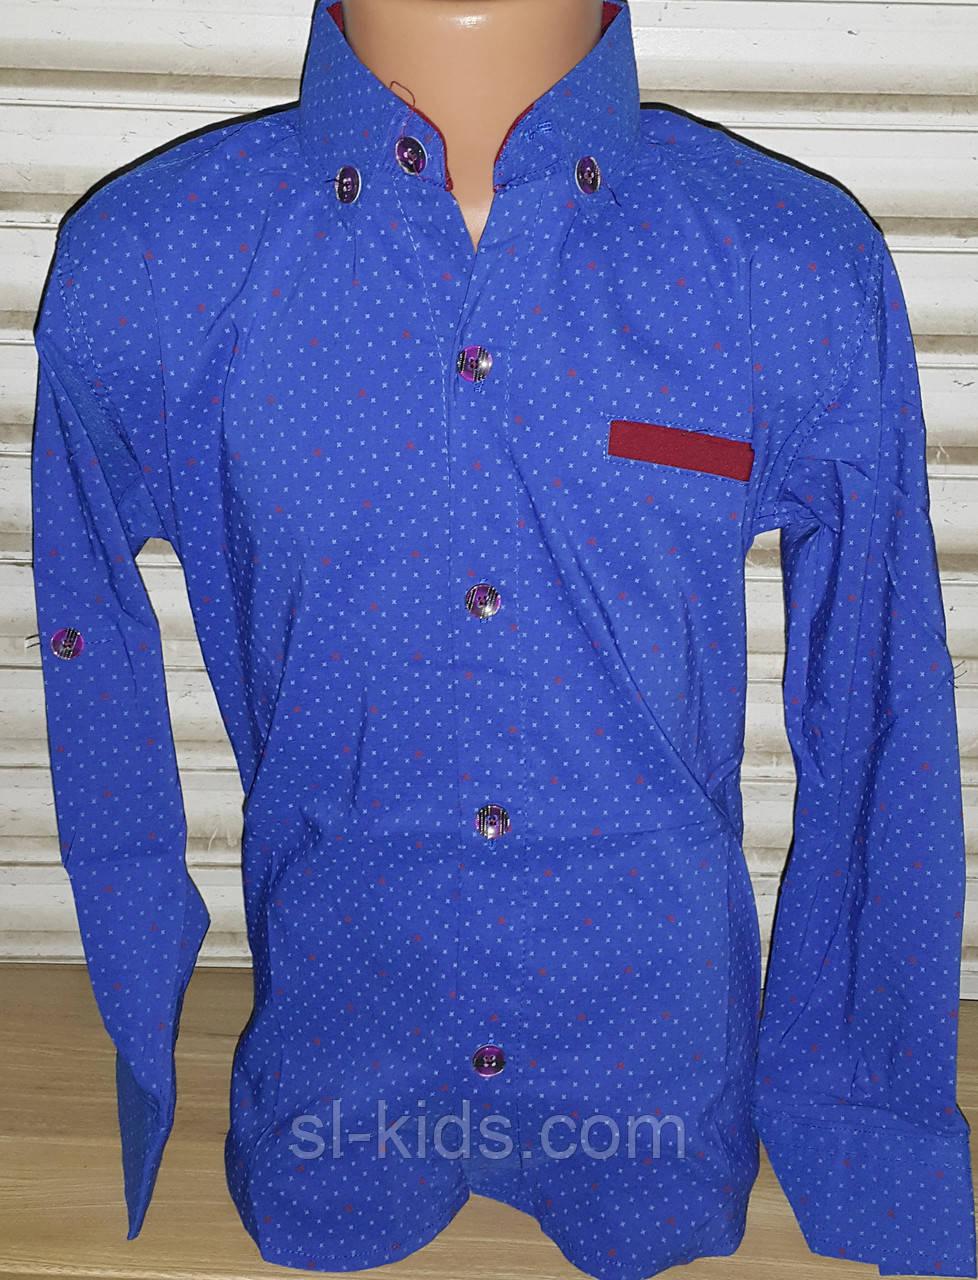 Стильная стрейчевая рубашка для мальчика 6-14 лет(опт) (ярко синяя 001) (пр. Турция)